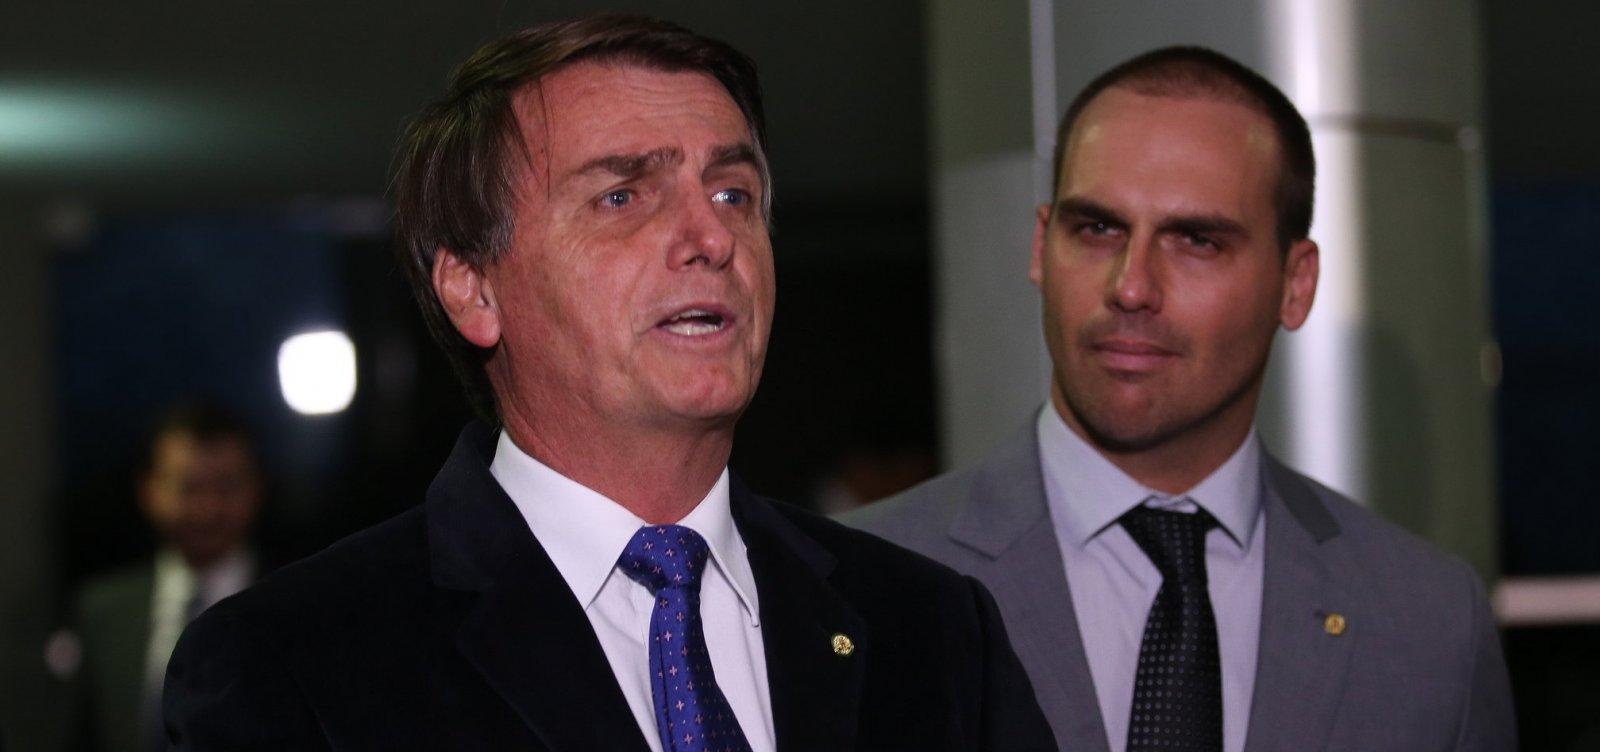 [Bolsonaro critica questão do Enem sobre gays e promete exame com temas 'úteis']